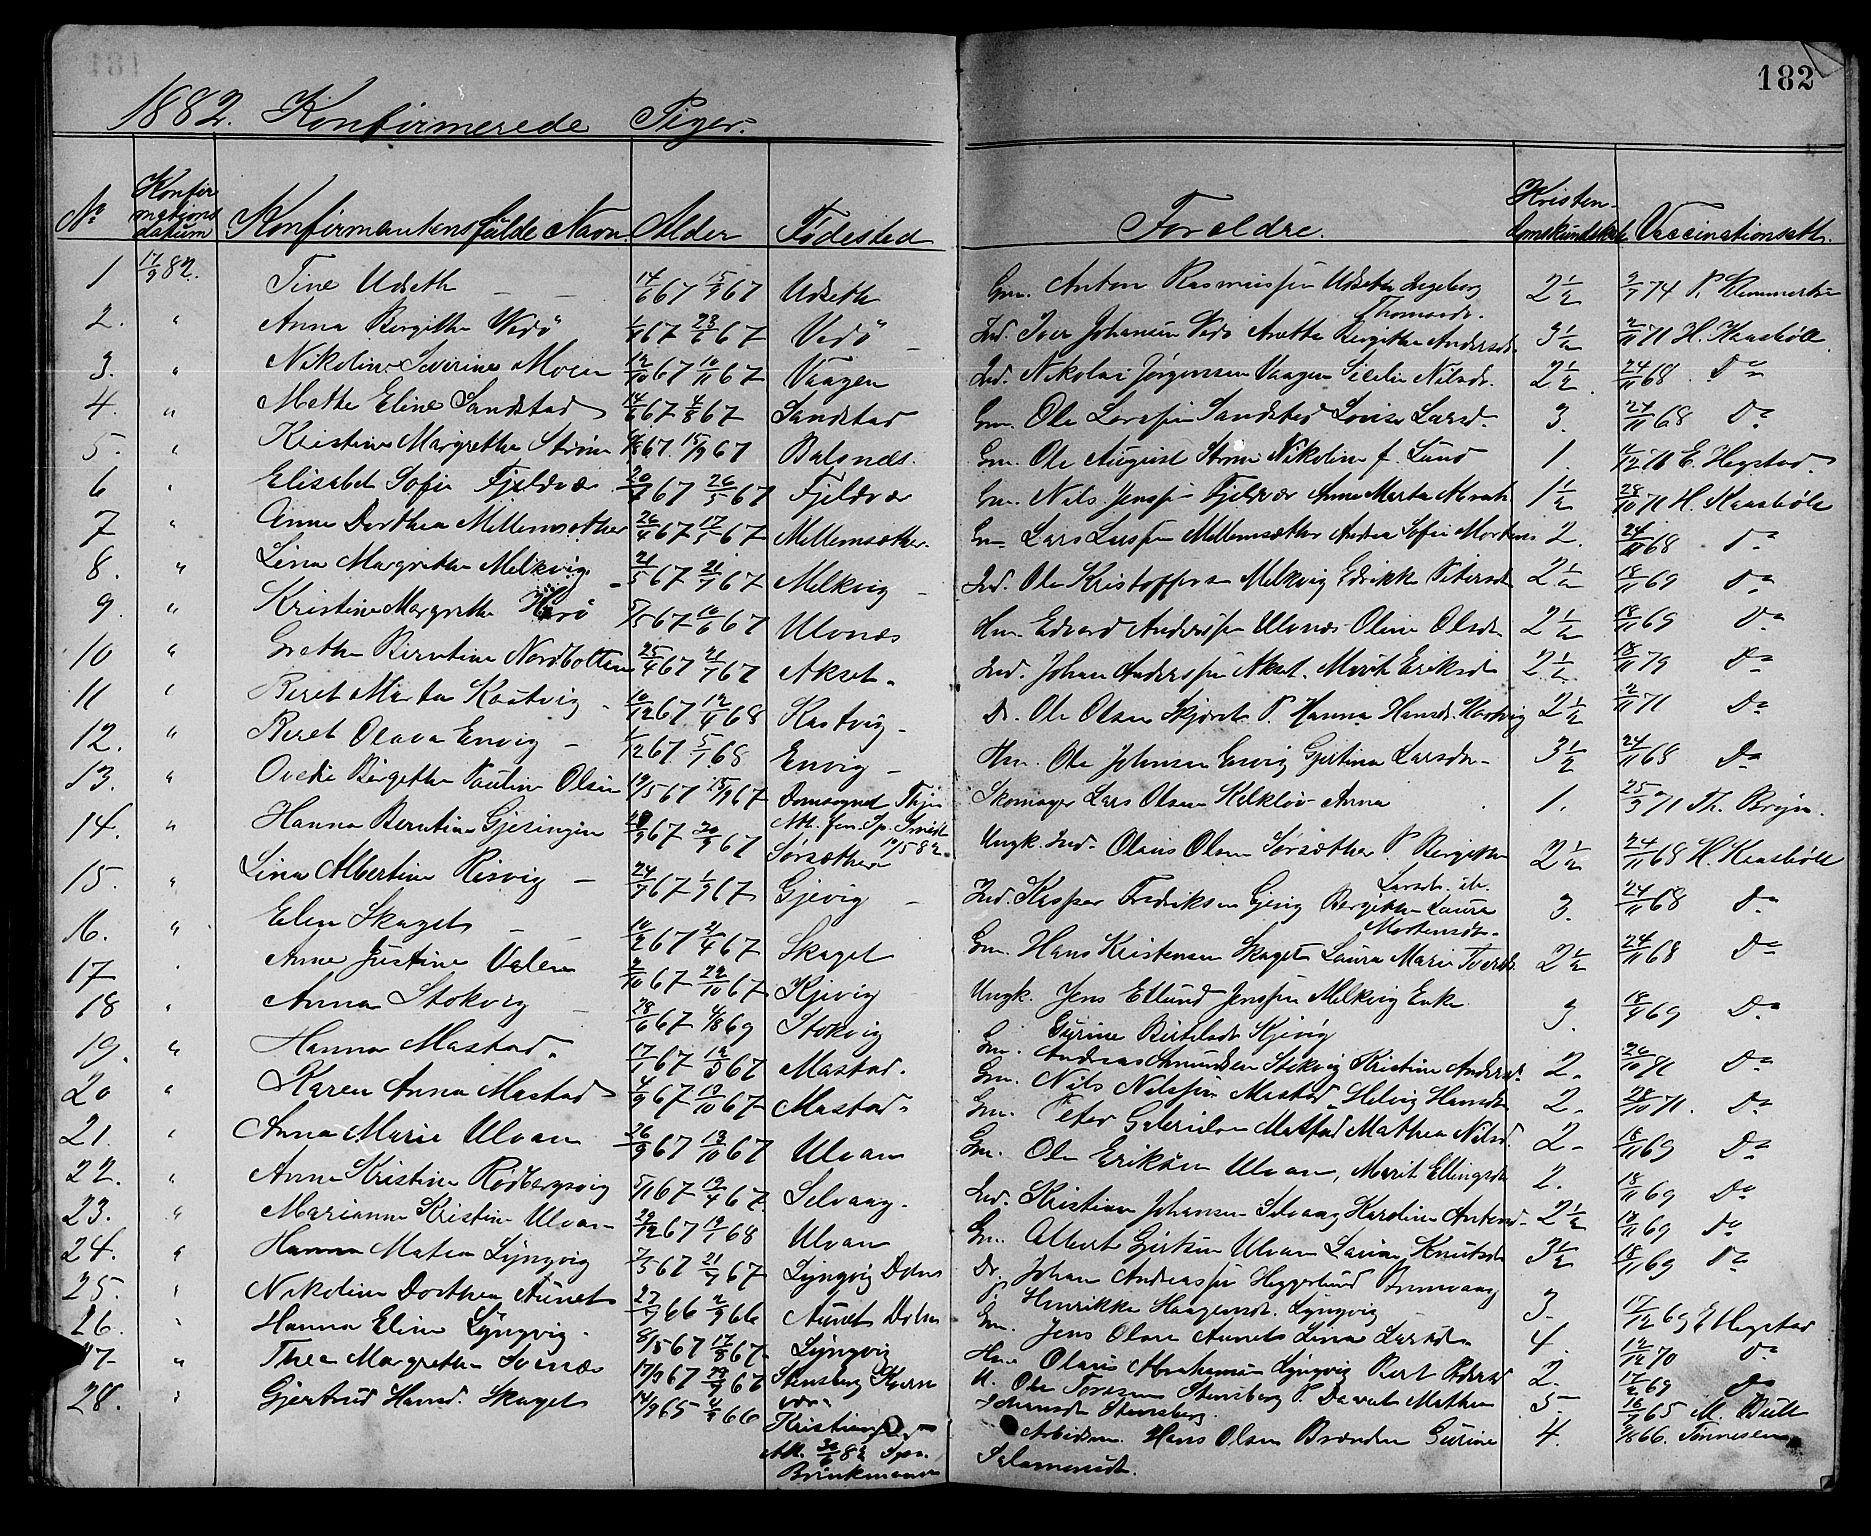 SAT, Ministerialprotokoller, klokkerbøker og fødselsregistre - Sør-Trøndelag, 637/L0561: Klokkerbok nr. 637C02, 1873-1882, s. 182